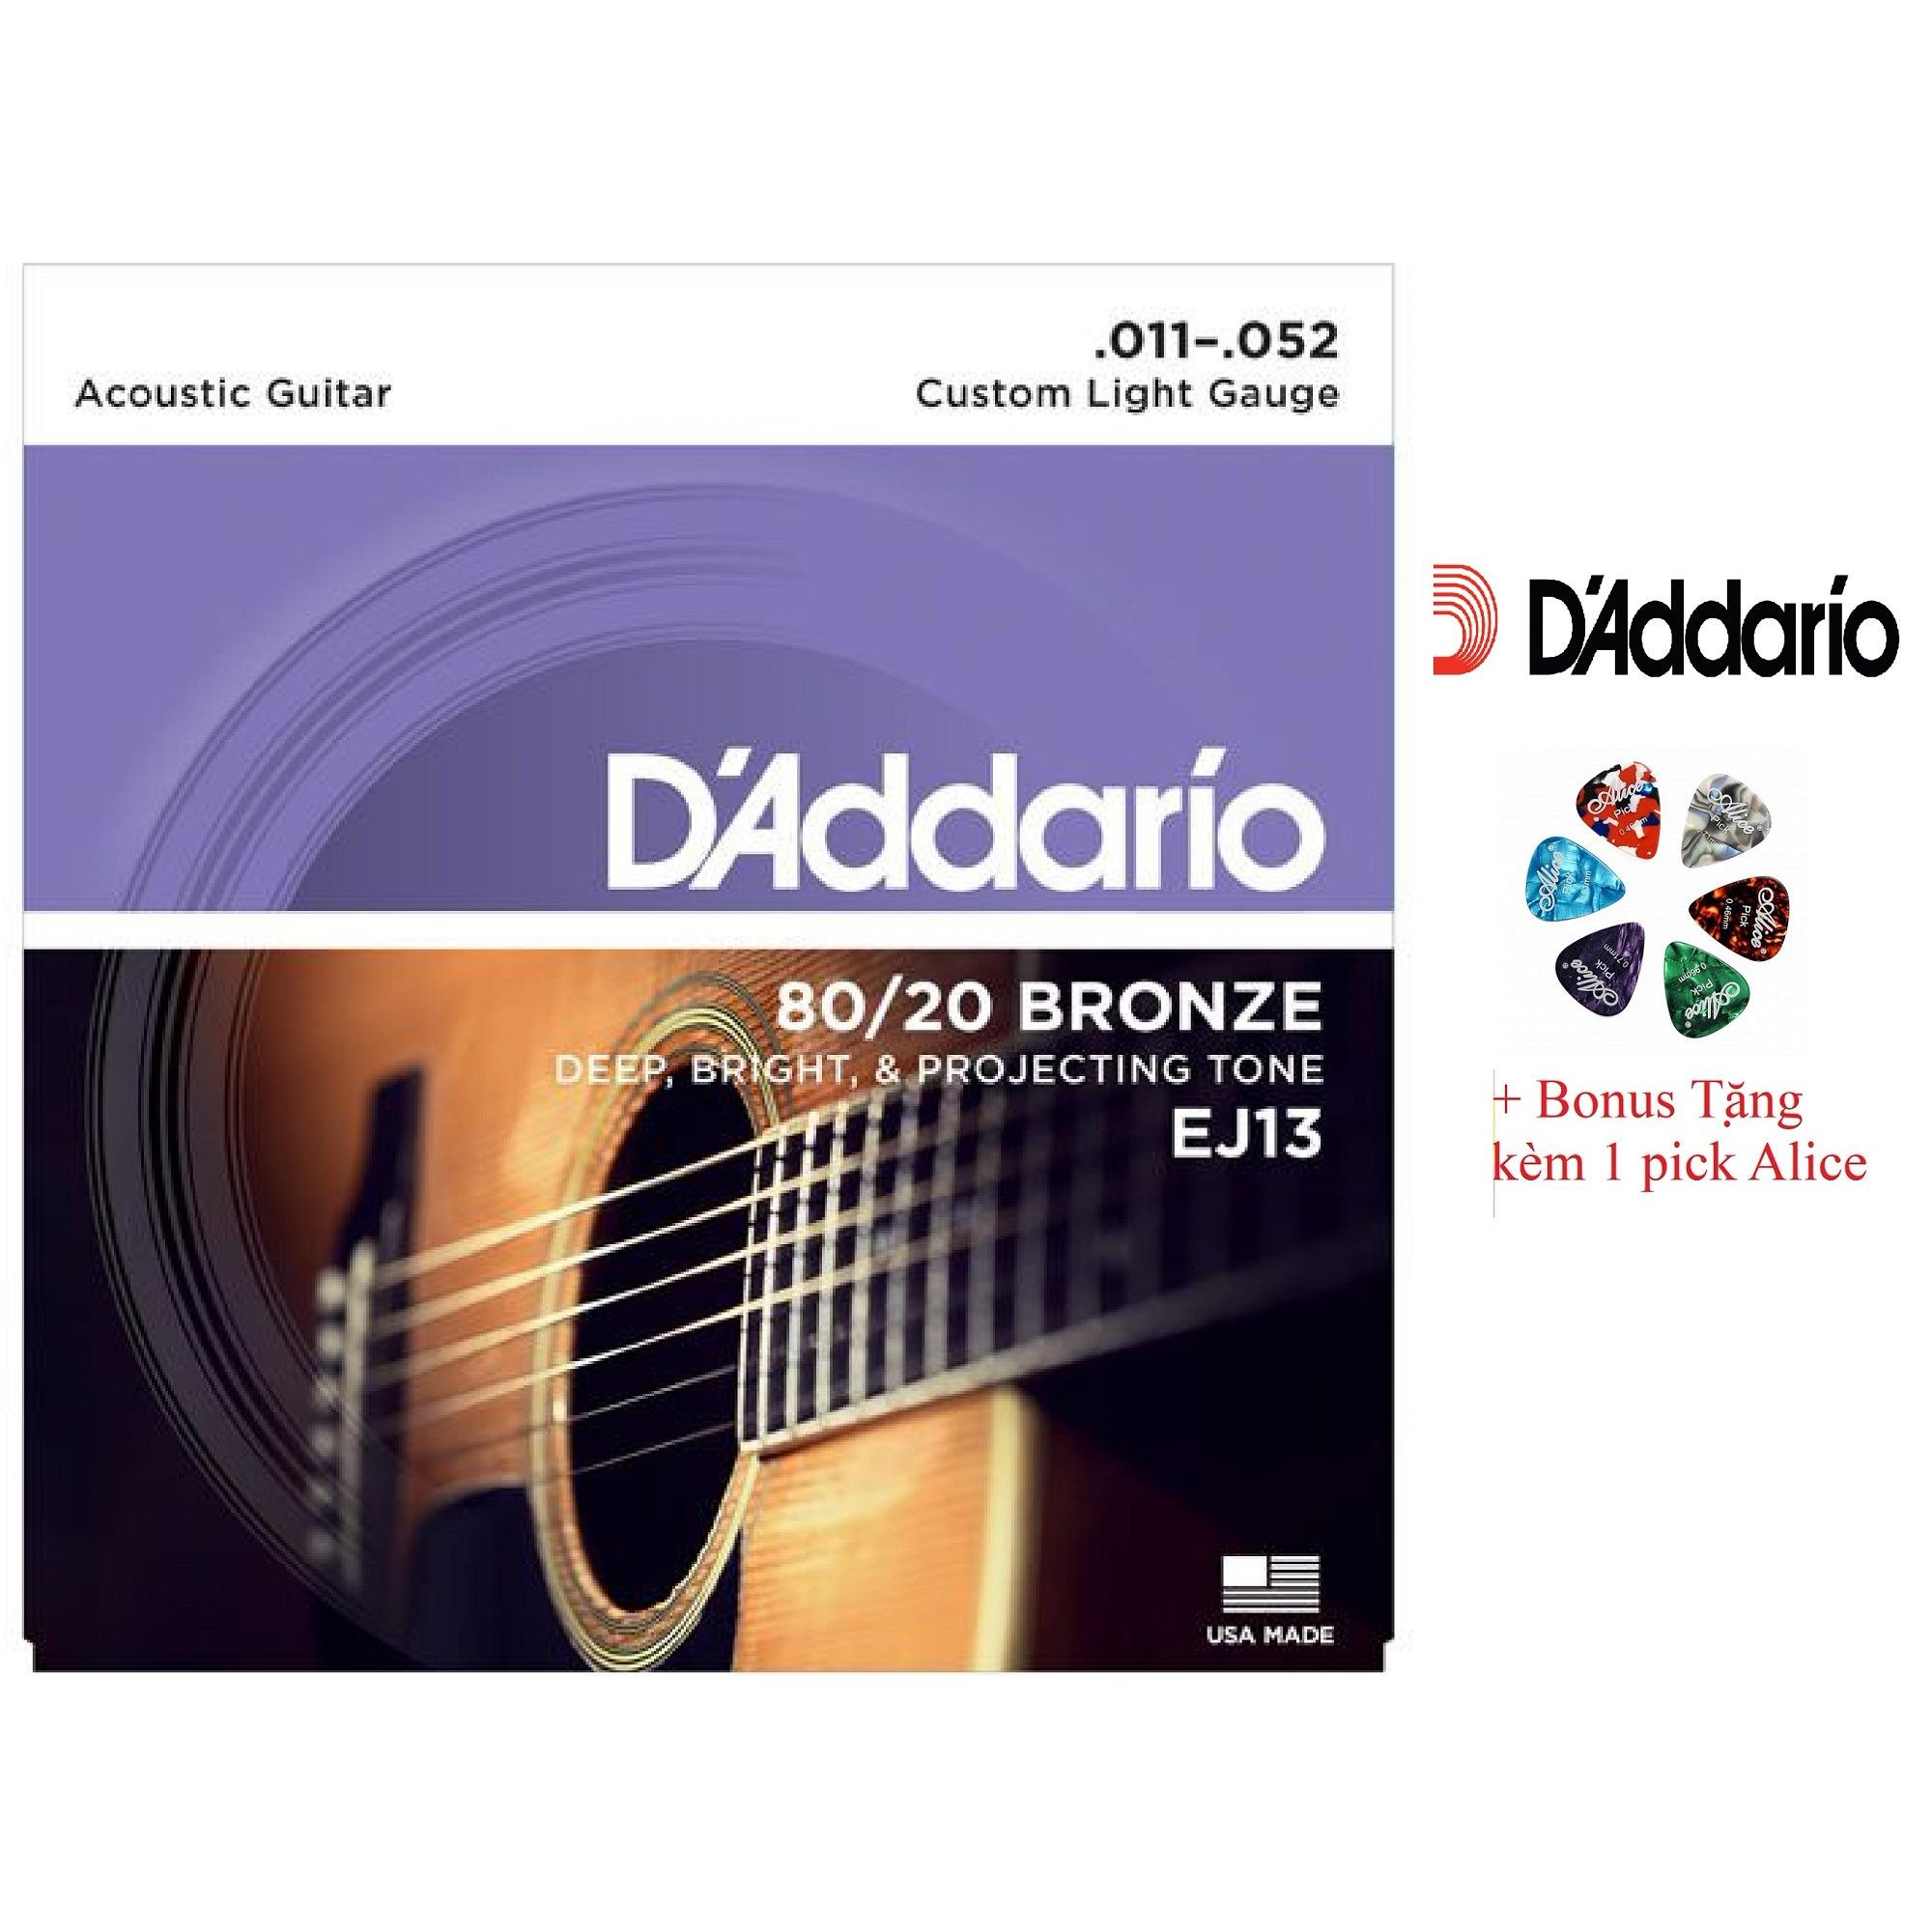 Bán Bộ Hộp 6 Day Đan Guitar Acoustic D Addario Ej13 Cao Cấp Pick Alice Cỡ 11 Trực Tuyến Hà Nội